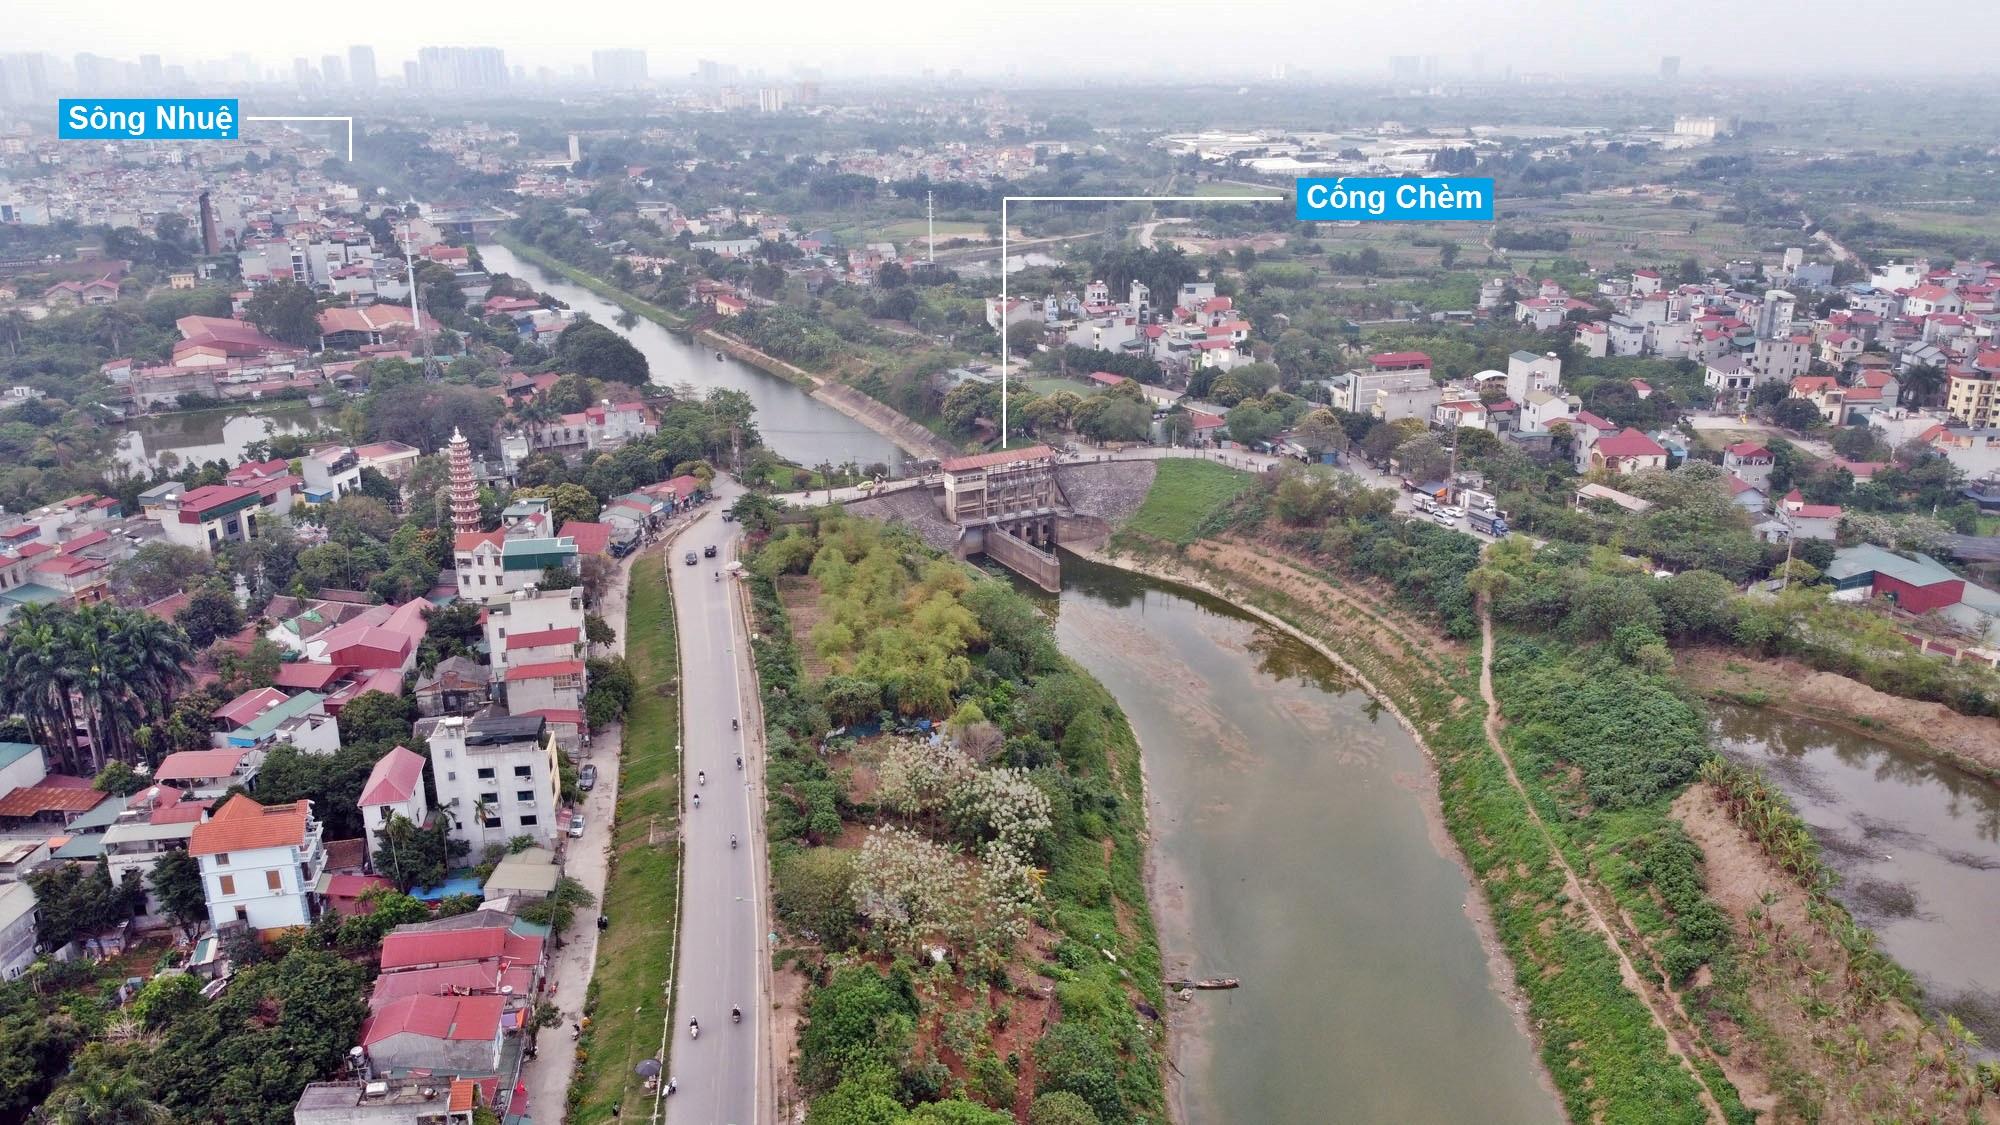 Toàn cảnh hiện trạng Phân khu đô thị sông Hồng trên địa bàn quận Bắc Từ Liêm - Ảnh 20.